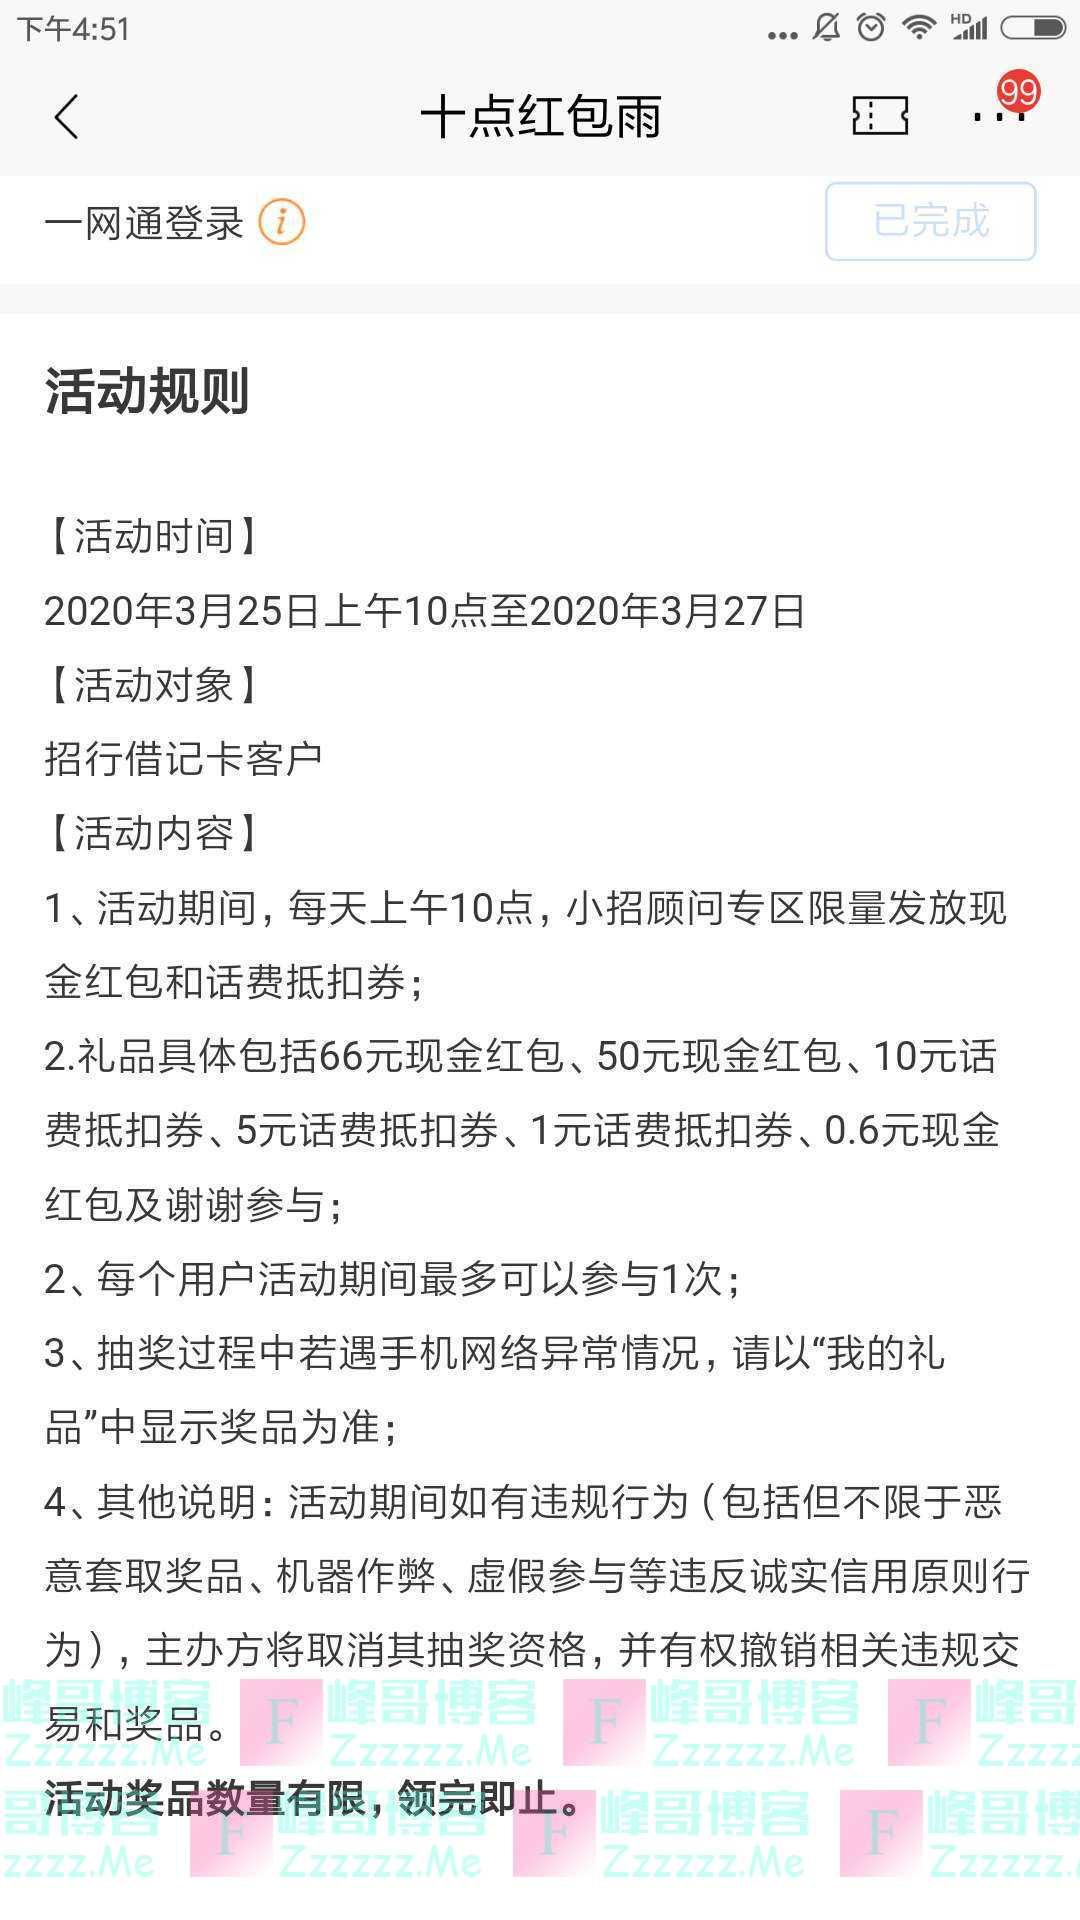 招行十点红包雨(截止3月27日)